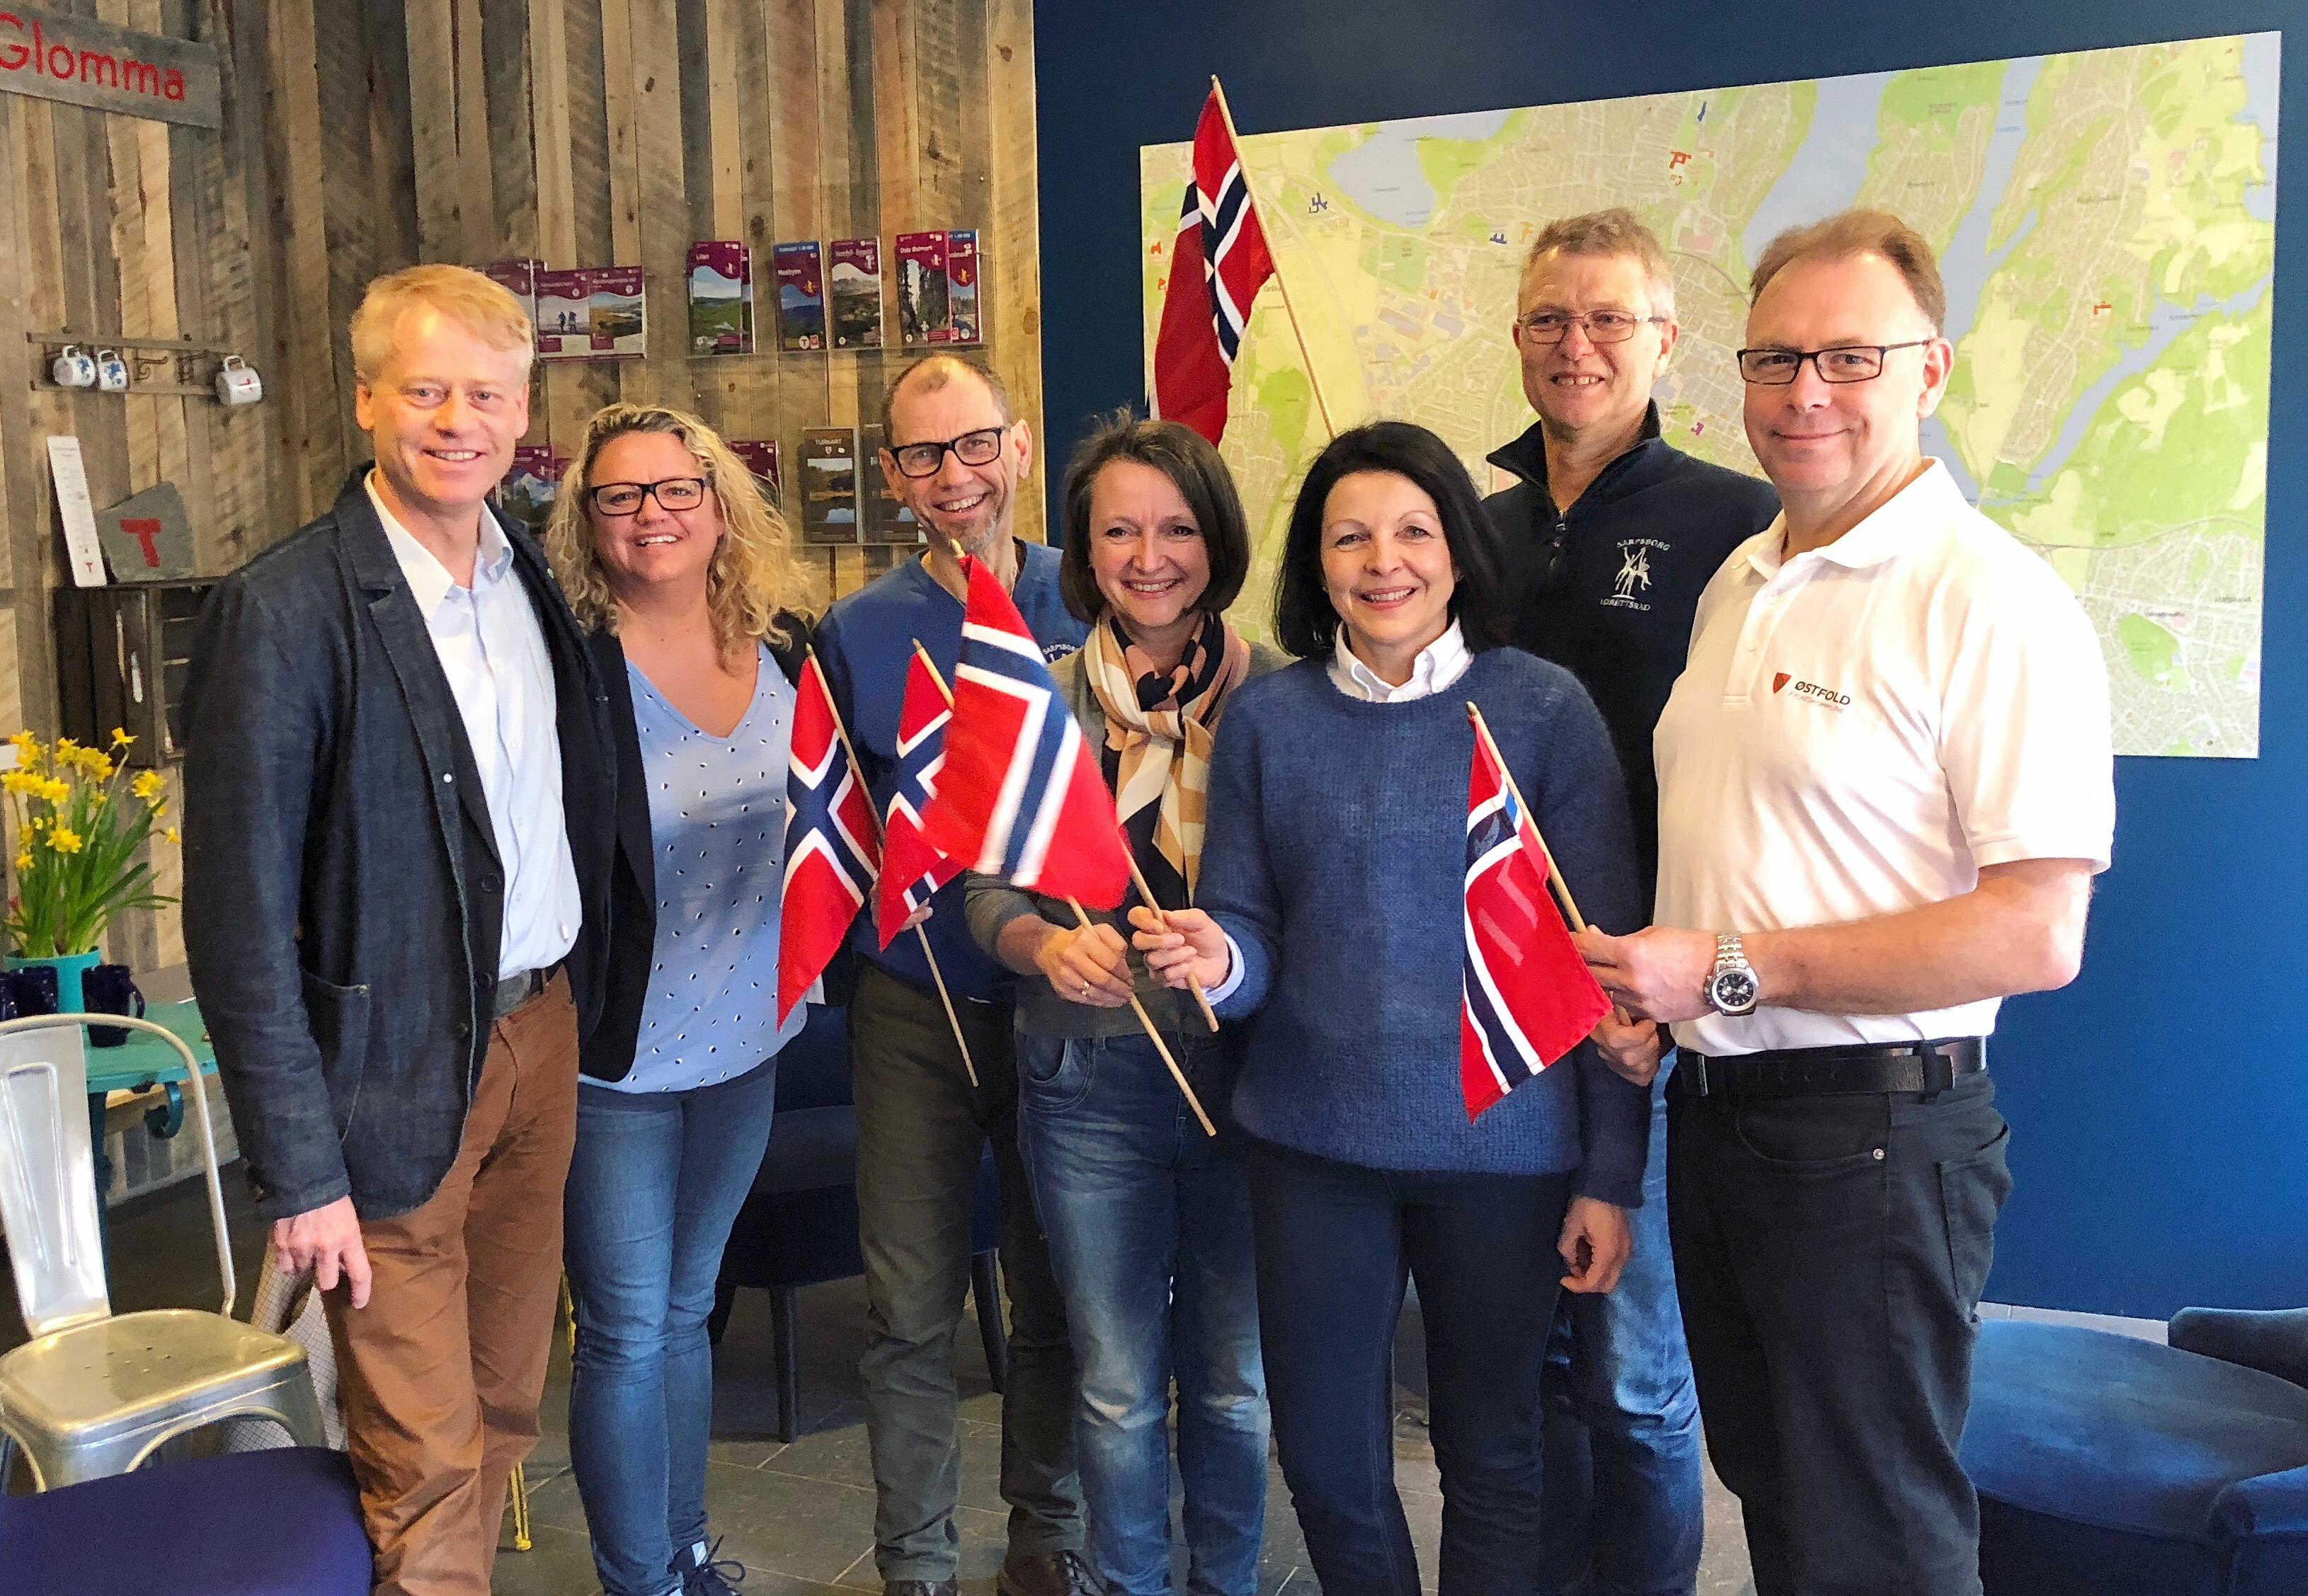 isarpsborg og samarbeidspartnere feirer at VM-veka kommer til Sarpsborg. Foto.